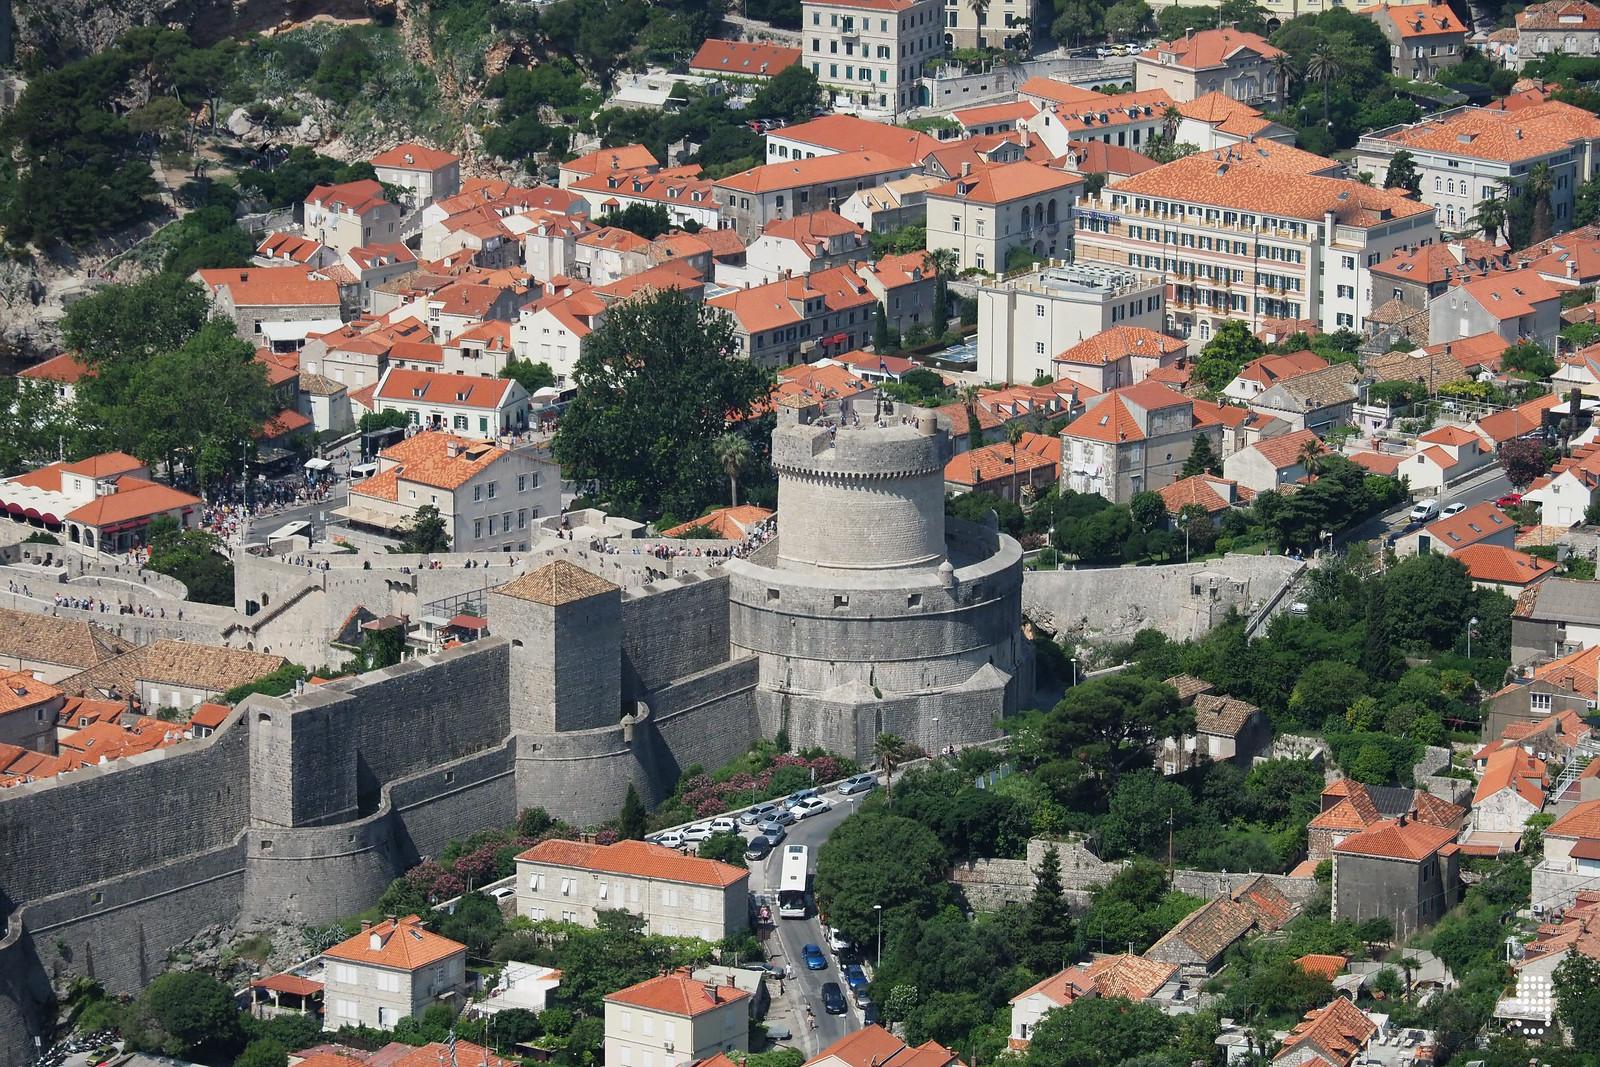 Minčeta Tower是古城區最美麗的堡壘,被視為這座城市的象徵。